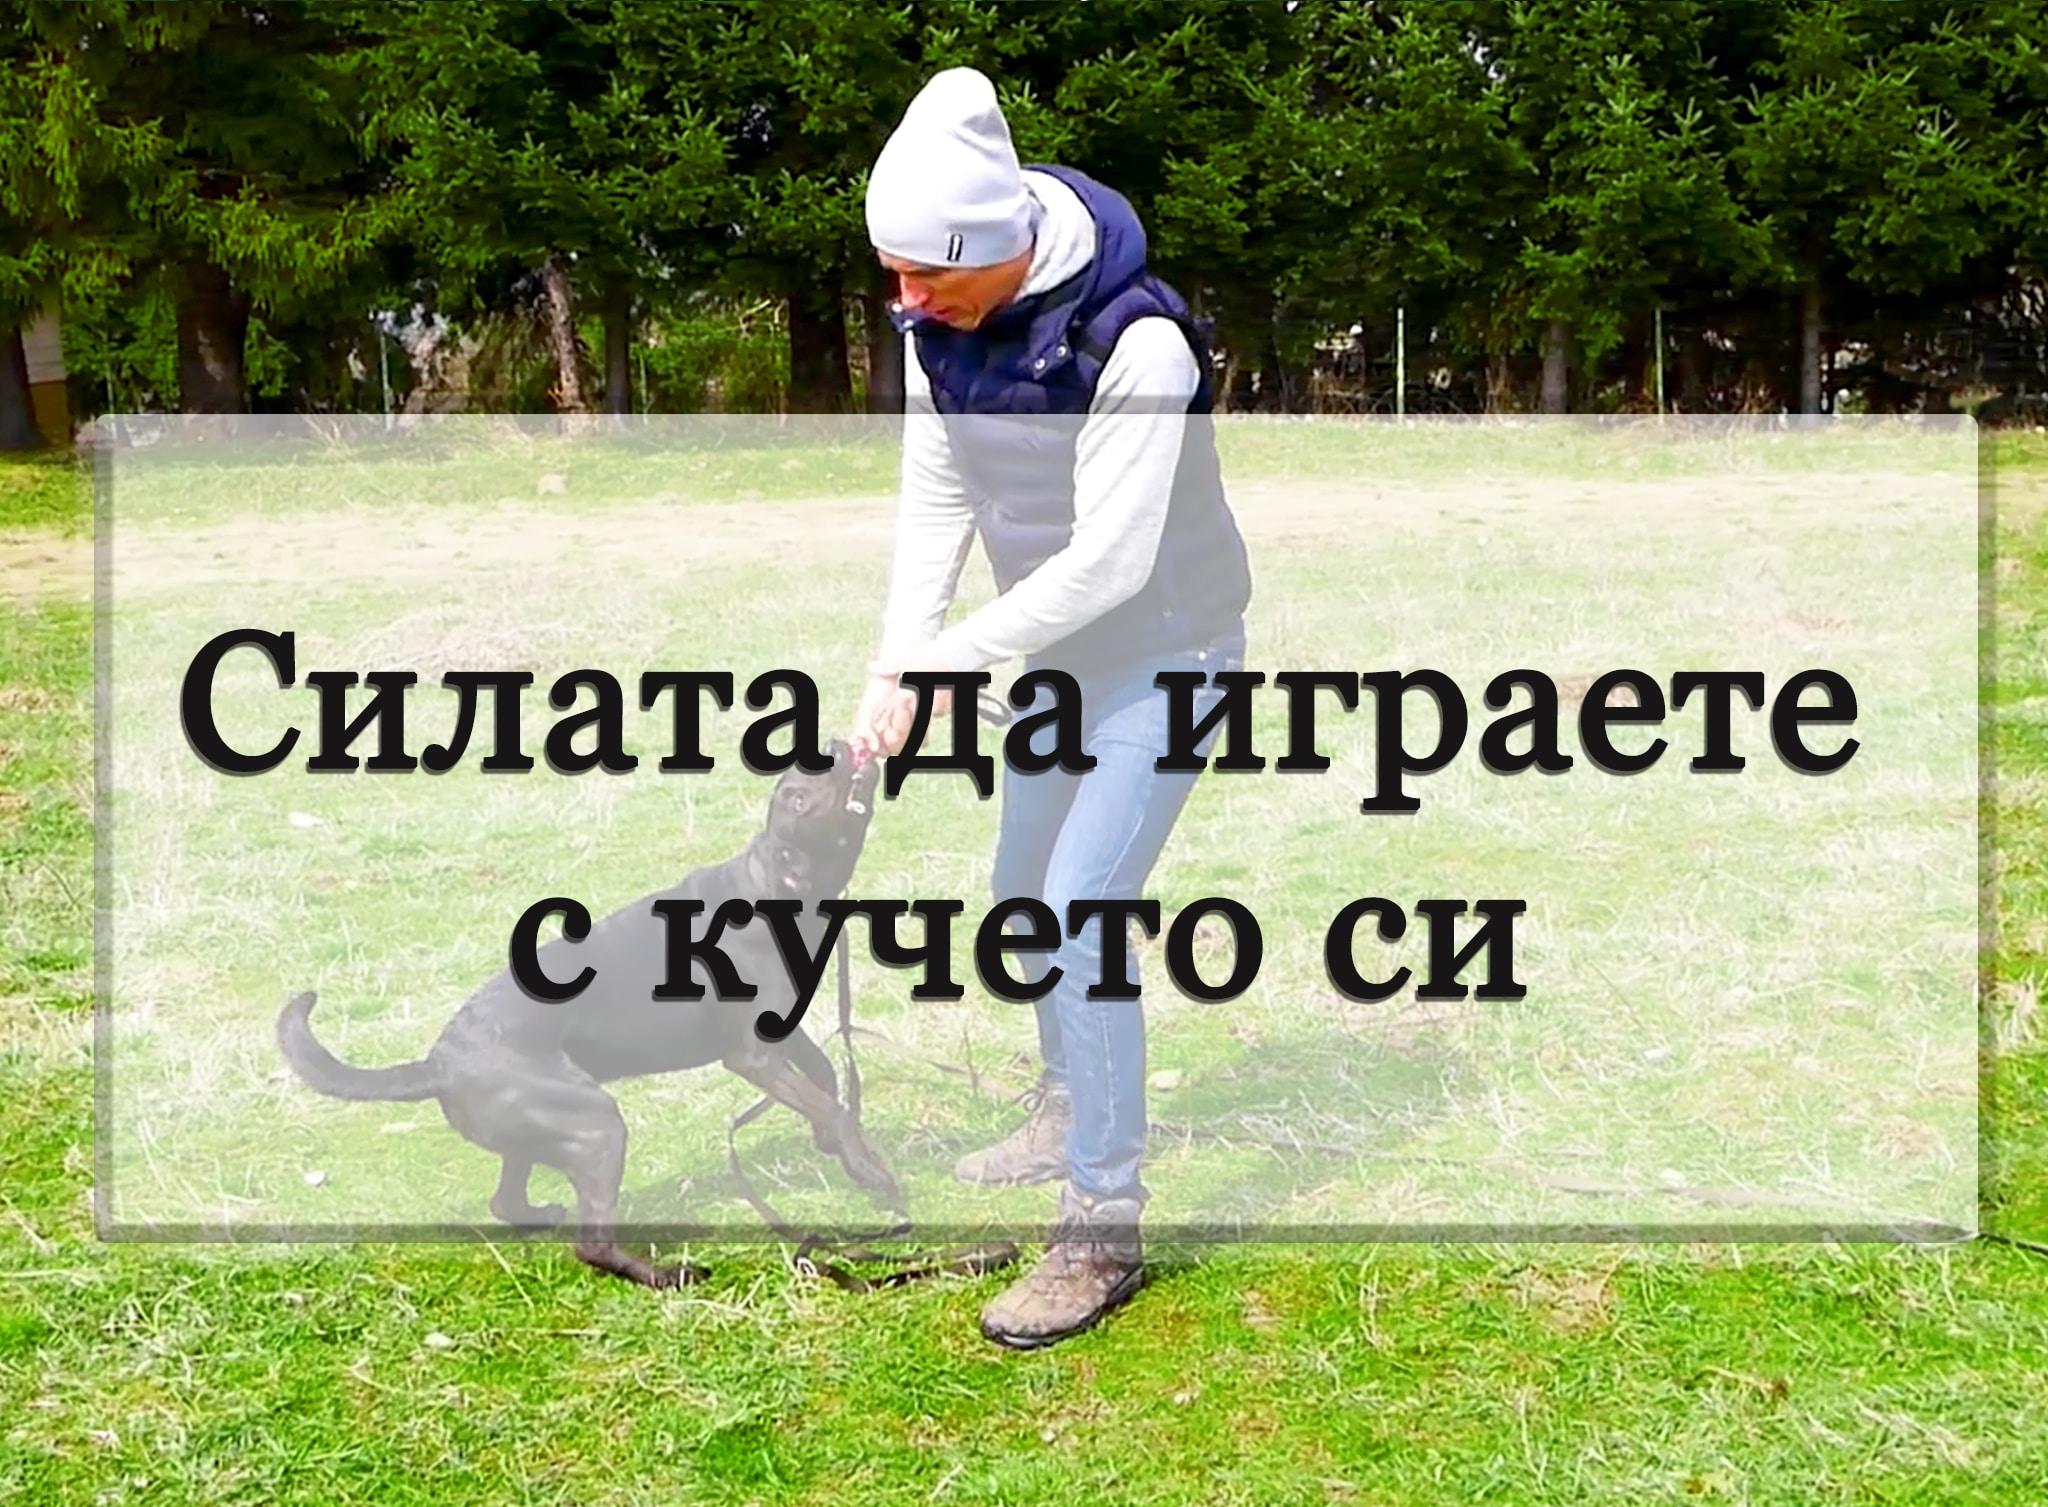 Силата да играете с кучето си